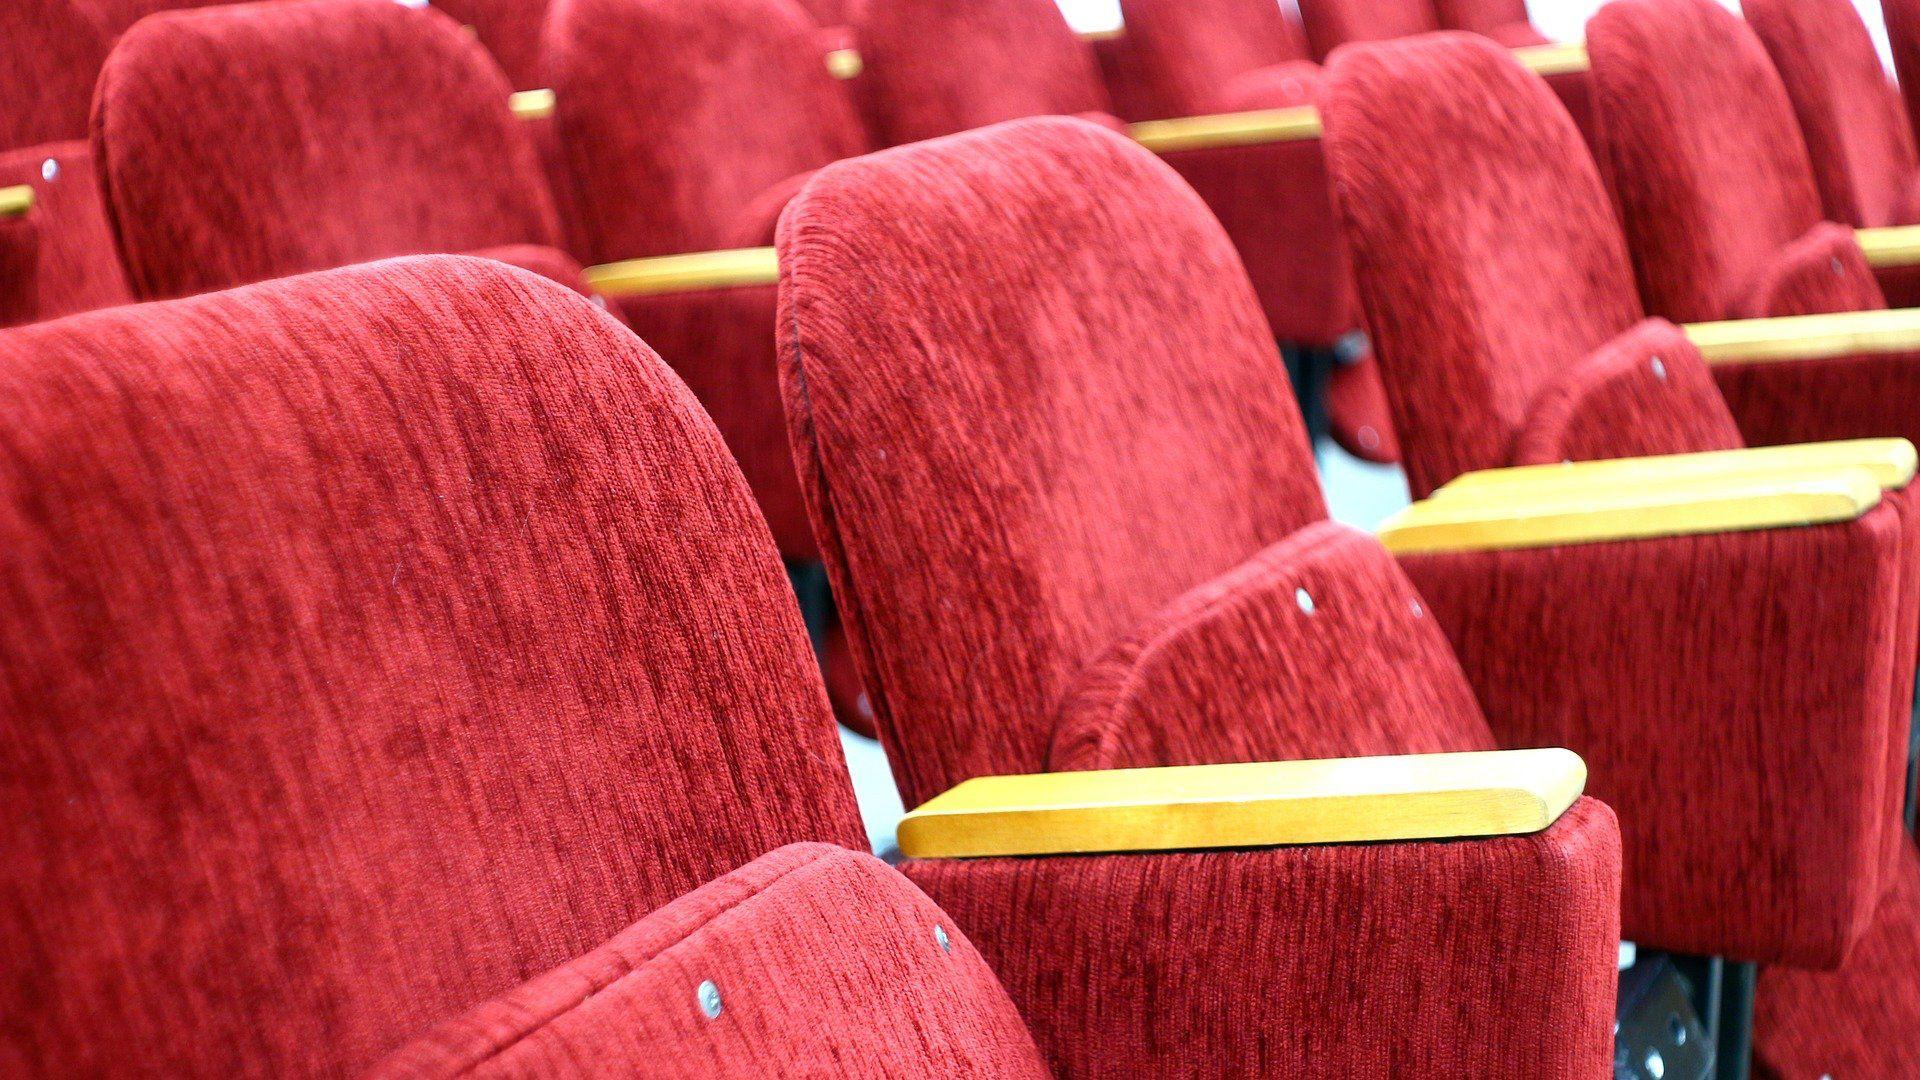 Sok még az üres szék Fotó: Pixabay